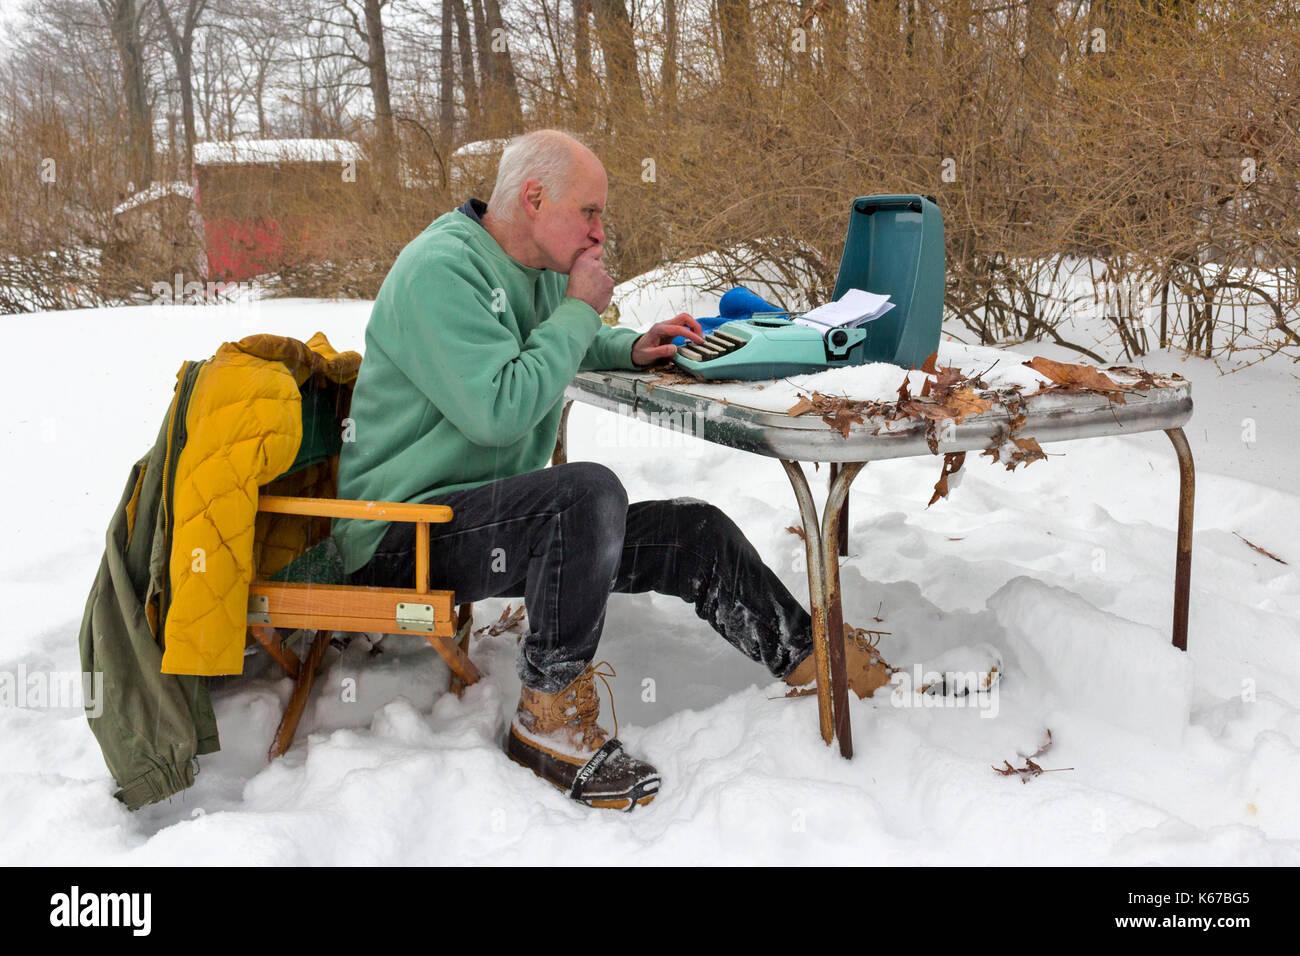 Ein Schriftsteller an einem Tisch sitzen, während draußen ein Schneesturm, und das Schreiben auf einer Schreibmaschine. Stockbild